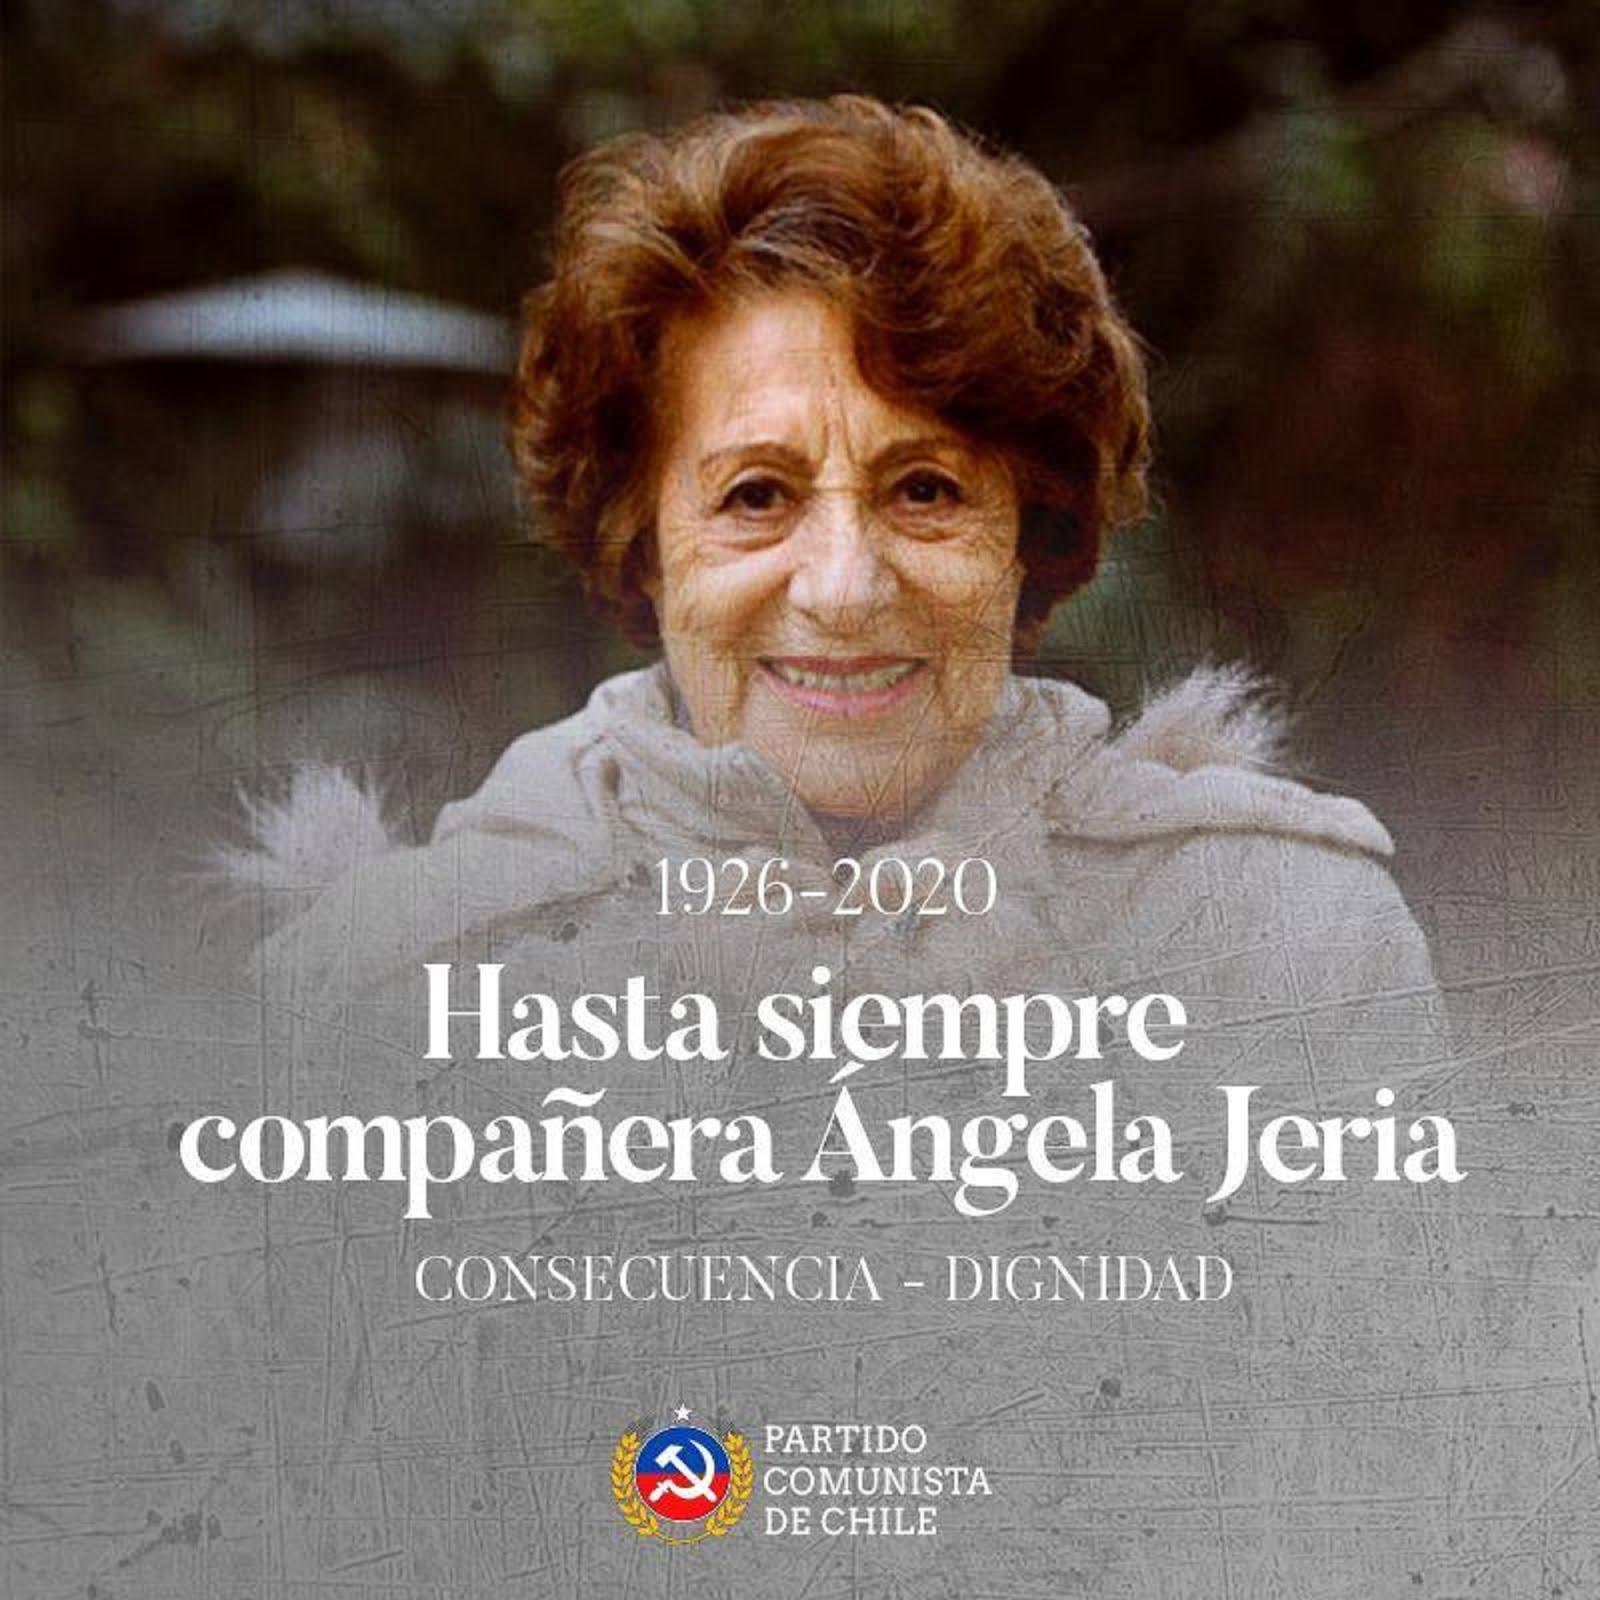 JUSQU'À TOUJOURS COMPAÑERA R.I.P.